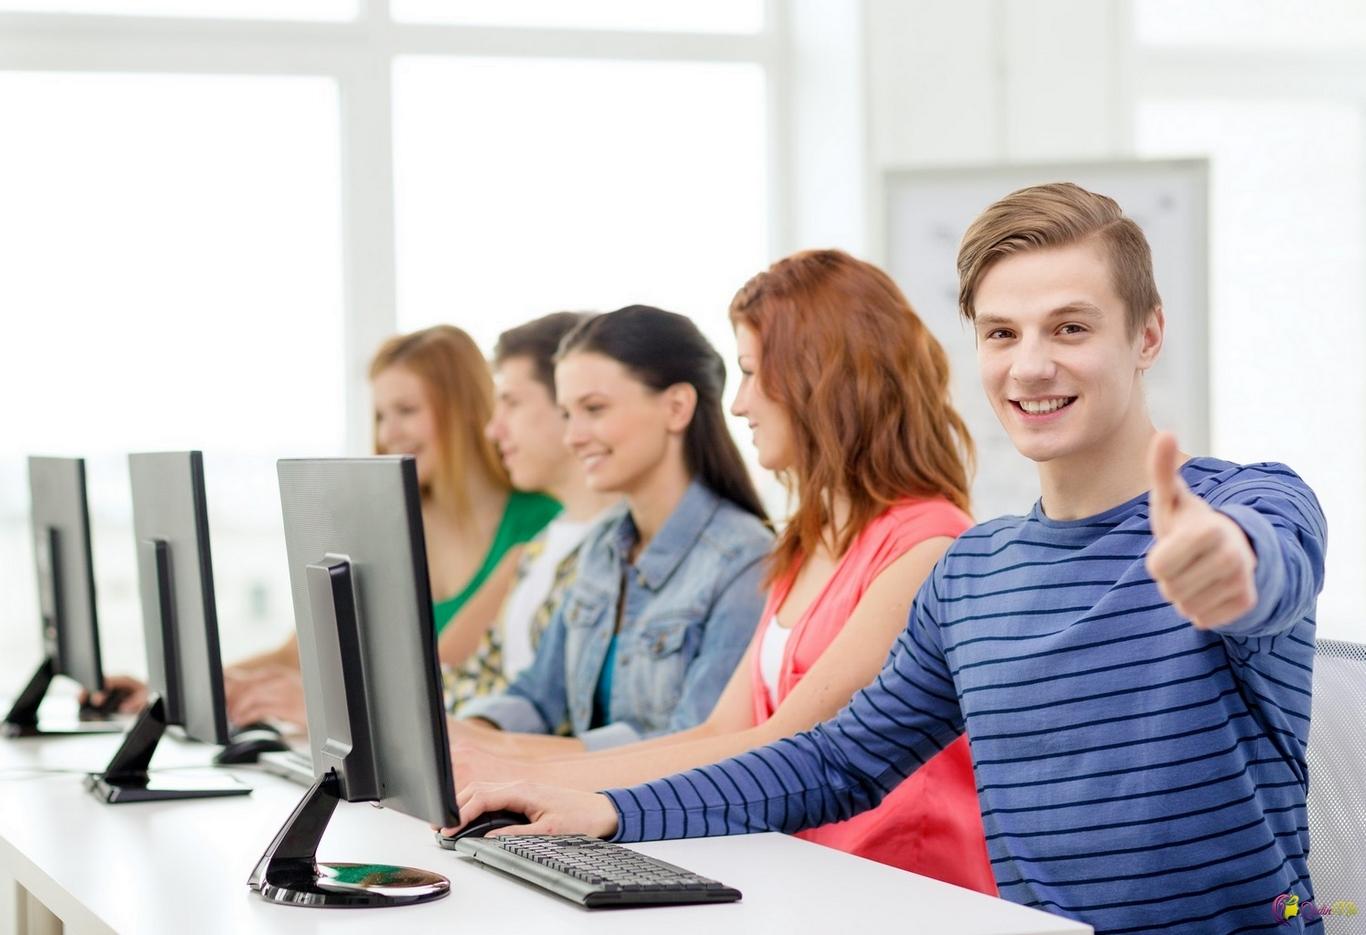 Five Advice for Beginning an Assignment